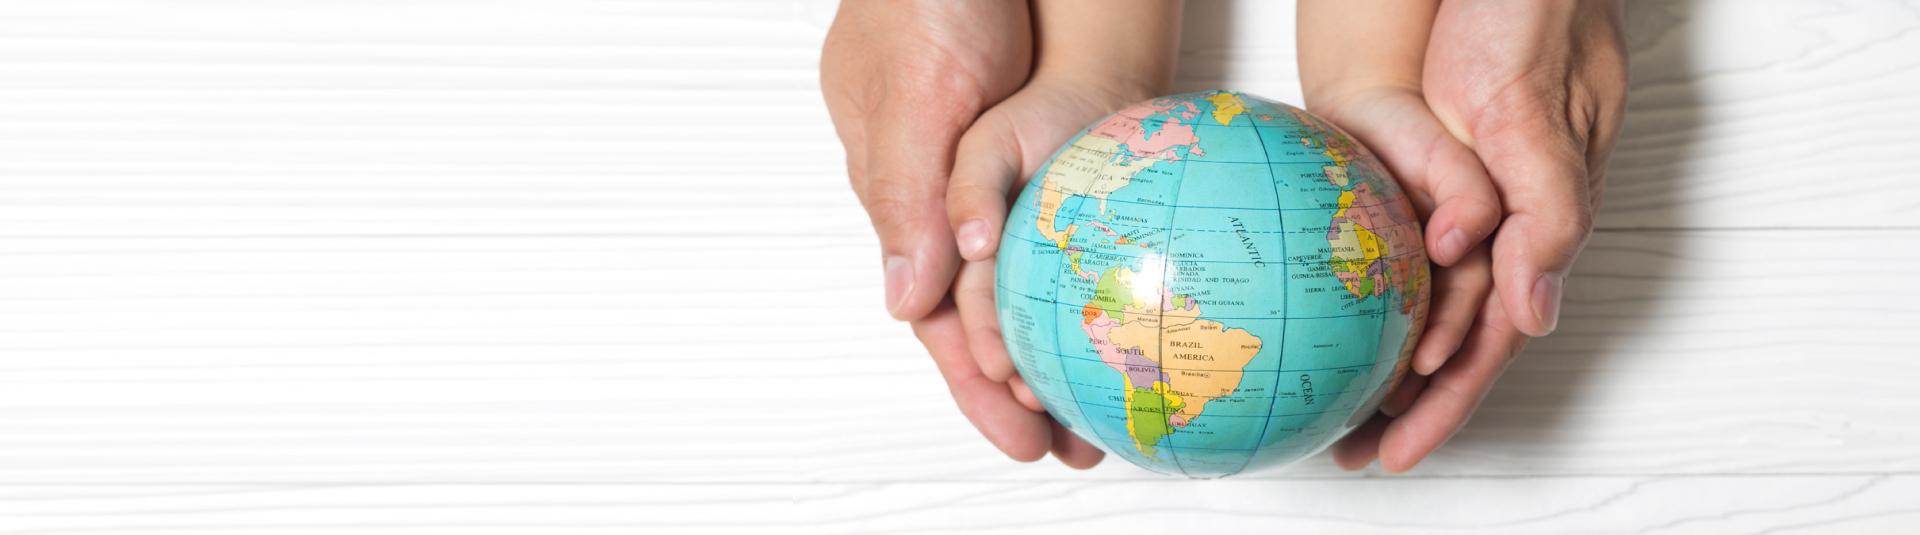 Ebro está presente en más de 80 países de Europa, Norteamérica, Asia y África